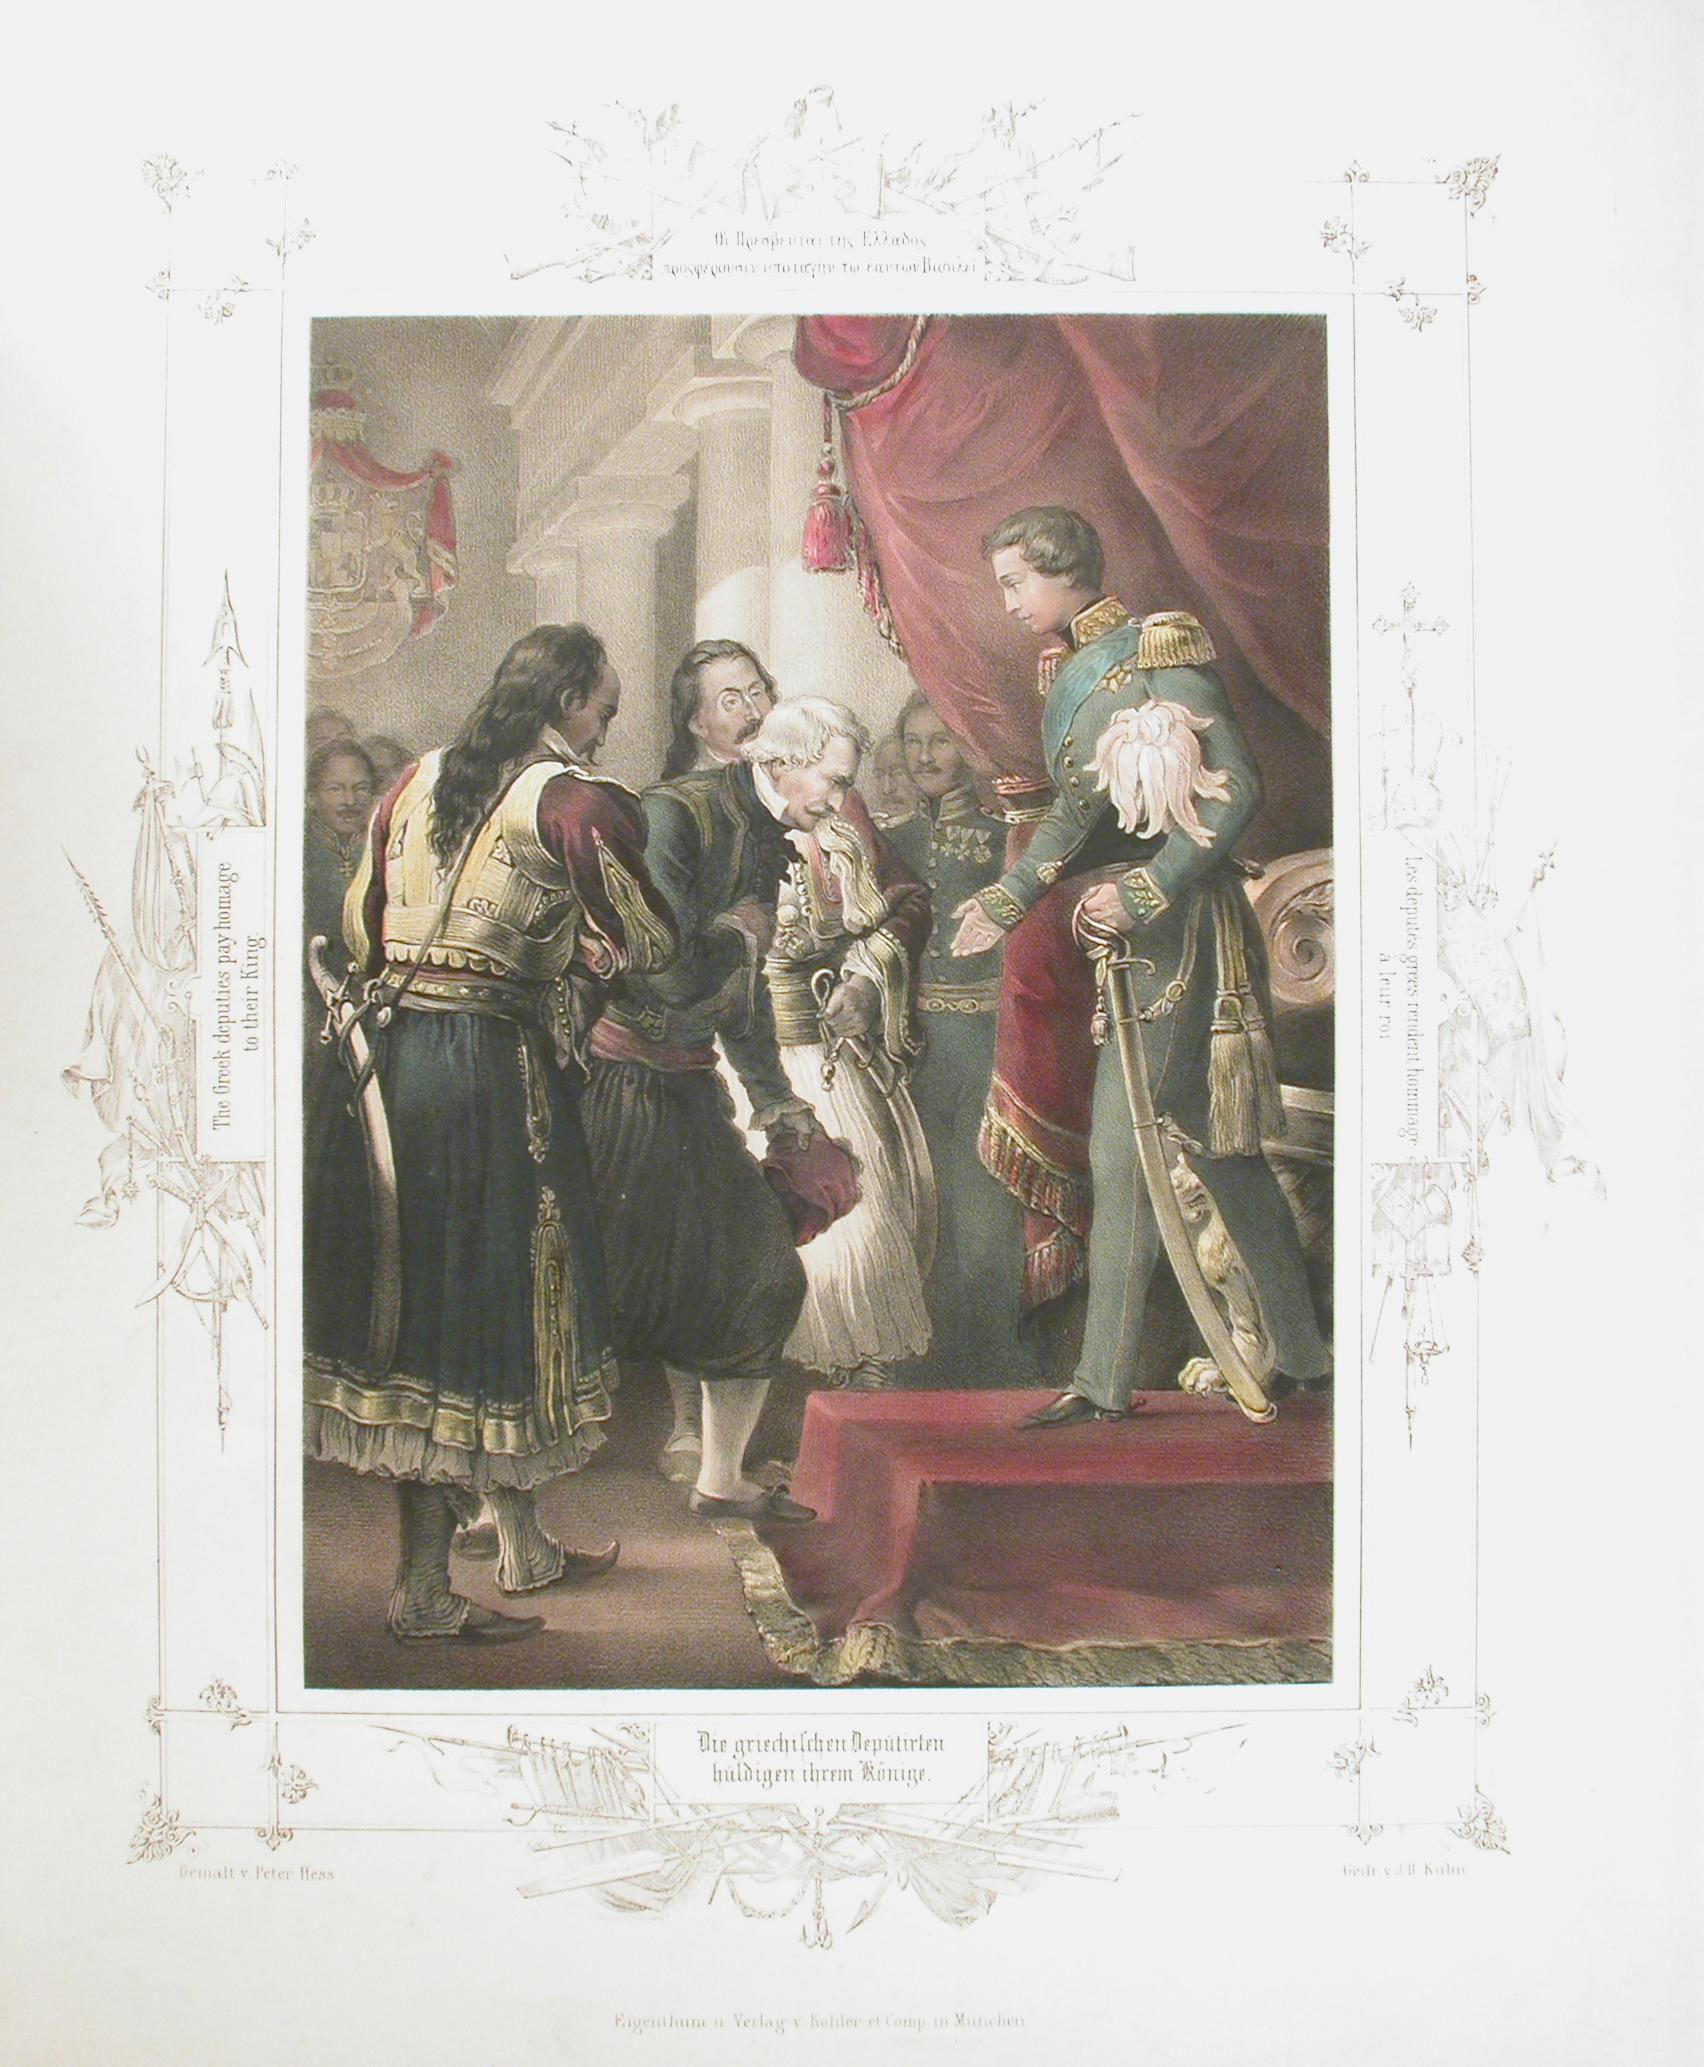 oi-zografoi-poy-ezisan-apo-konta-tin-epanastasi-kai-eftiaxan-ta-portreta-ton-agoniston-toy-1821-eikones7